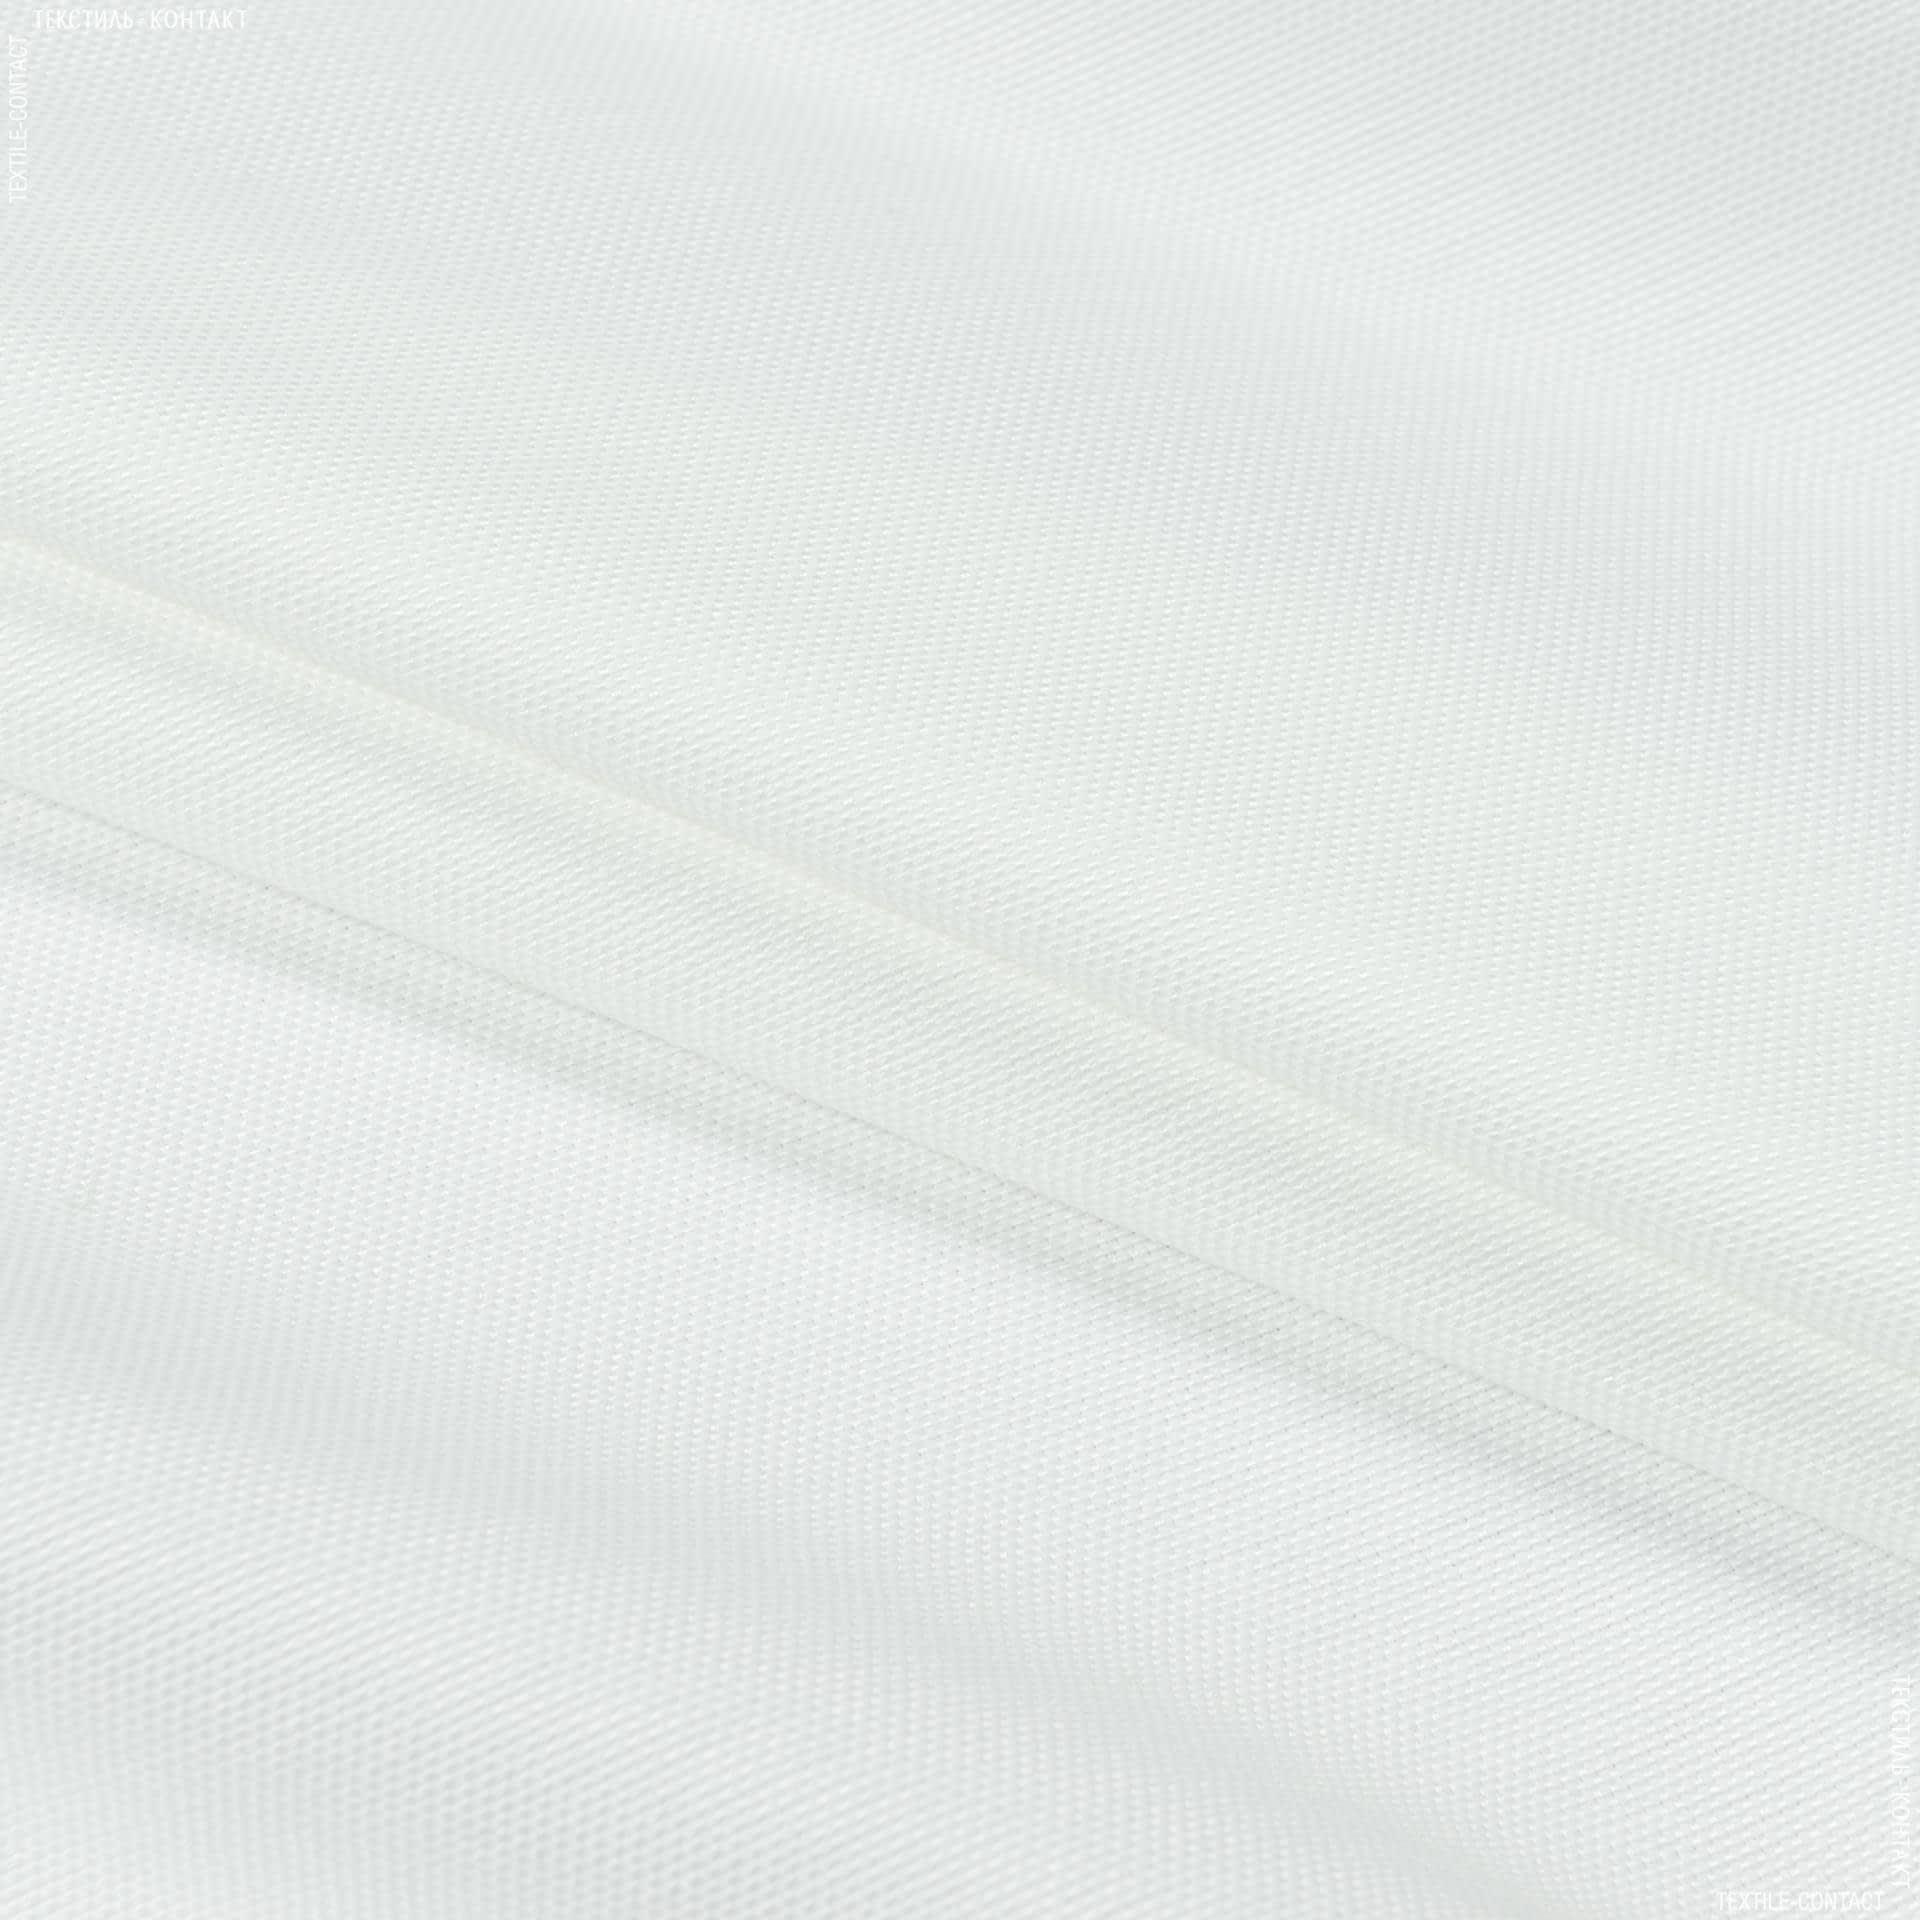 Ткани портьерные ткани - Декоративная ткань  астер/aster молочный